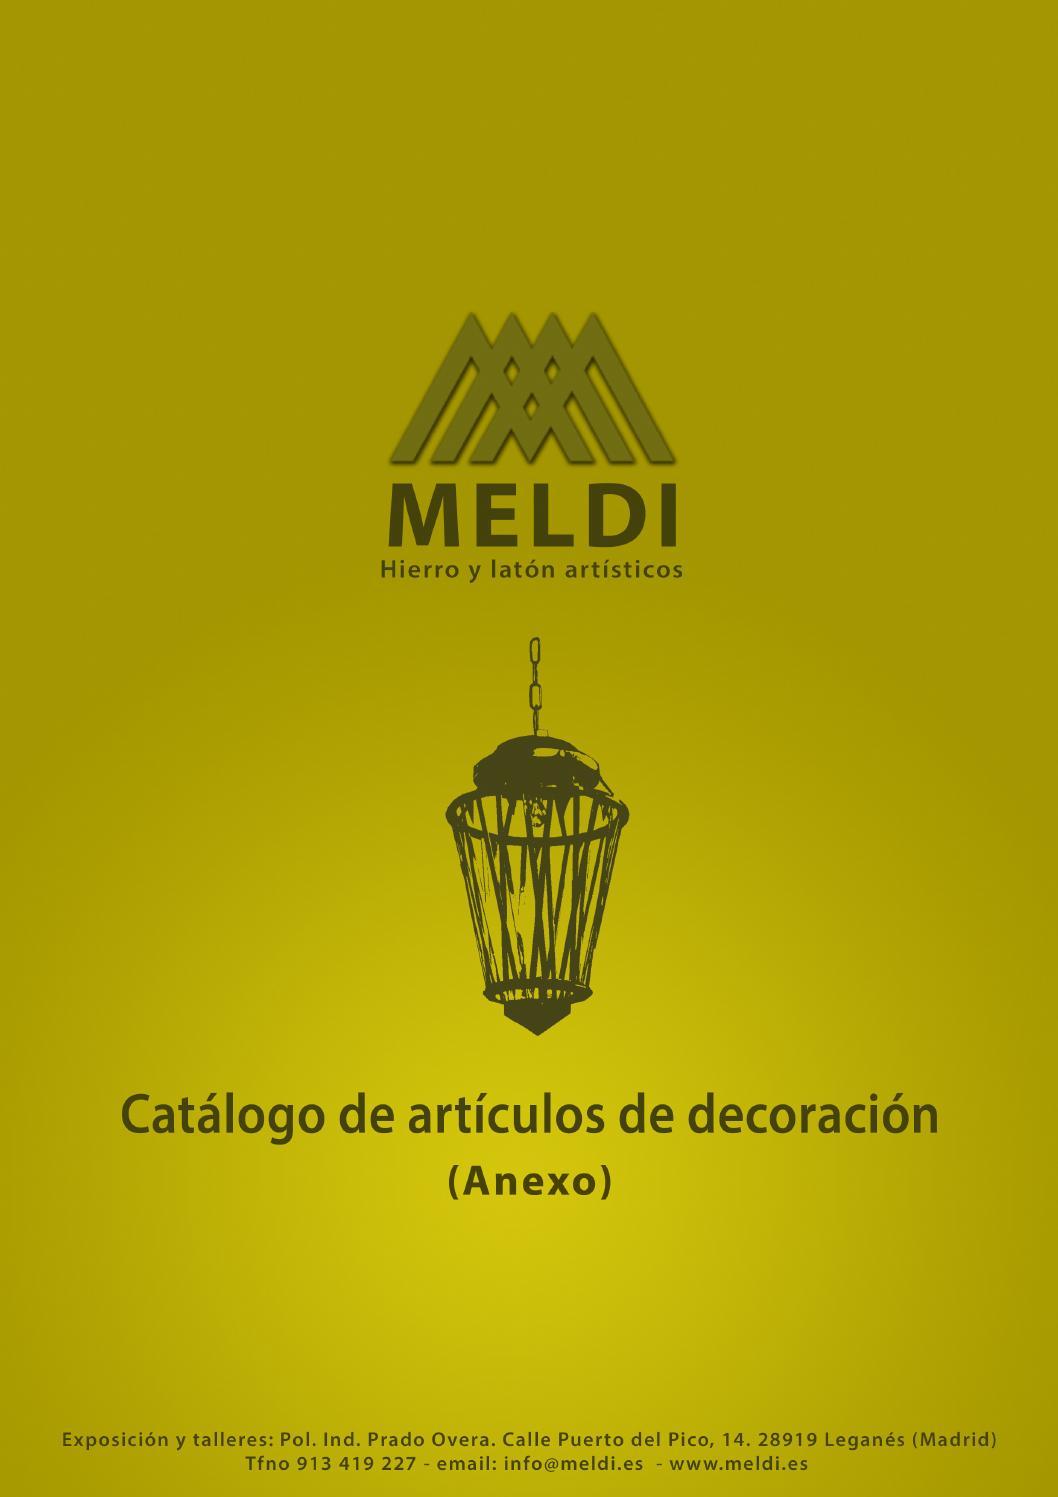 latónbrillomate Anexo articulos iluminacion decoración y n0PXN8wOkZ